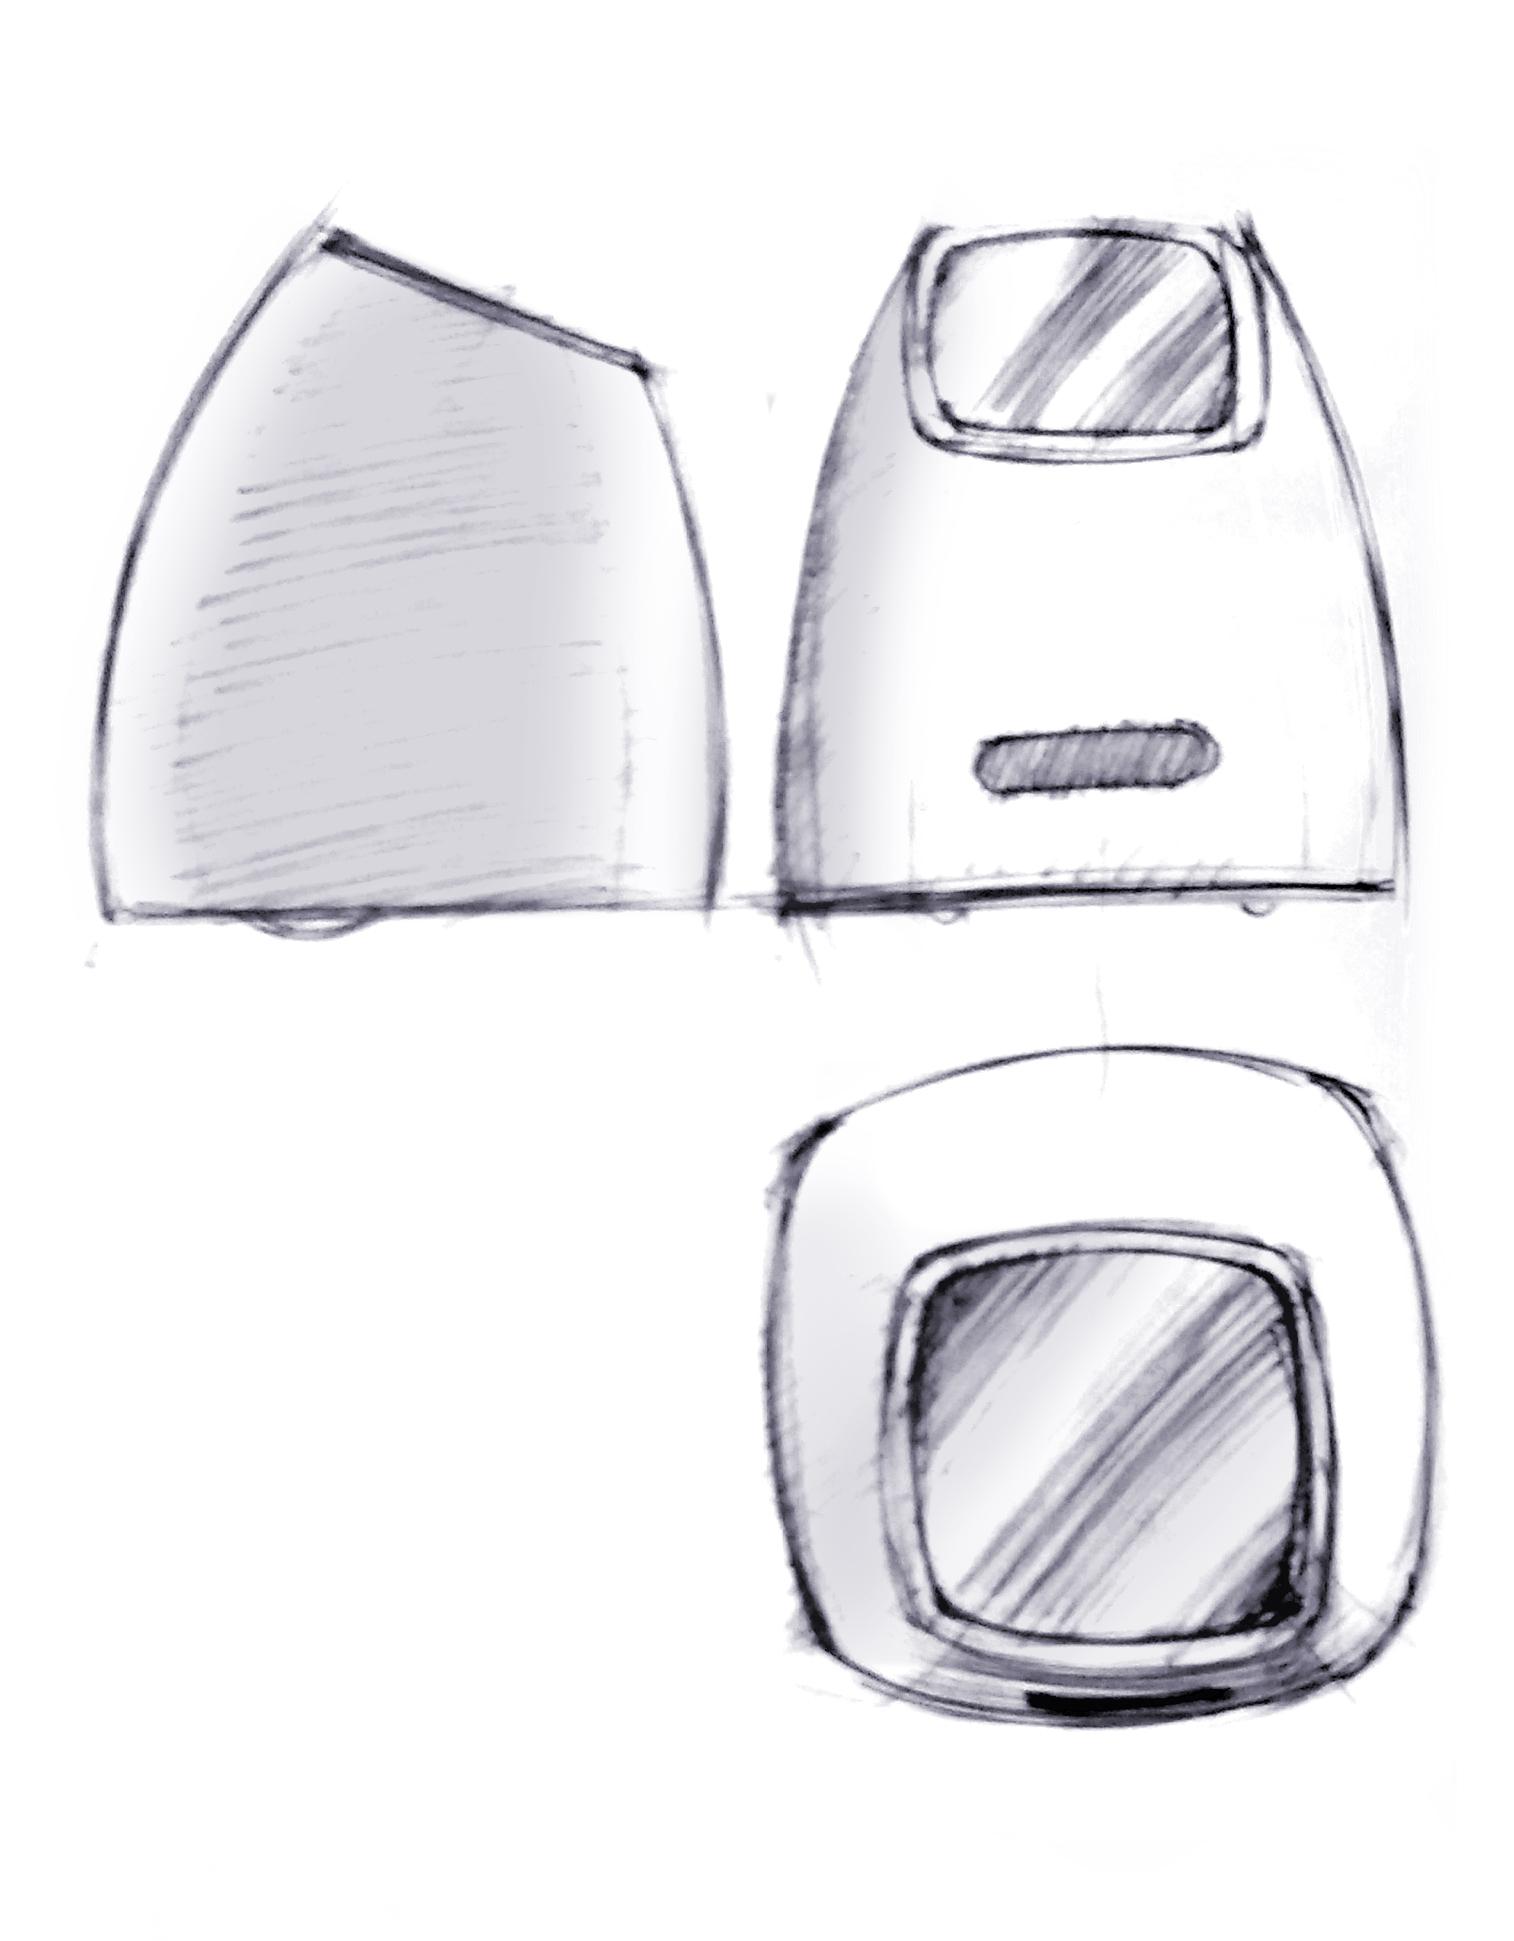 Niko sketch 2.jpg